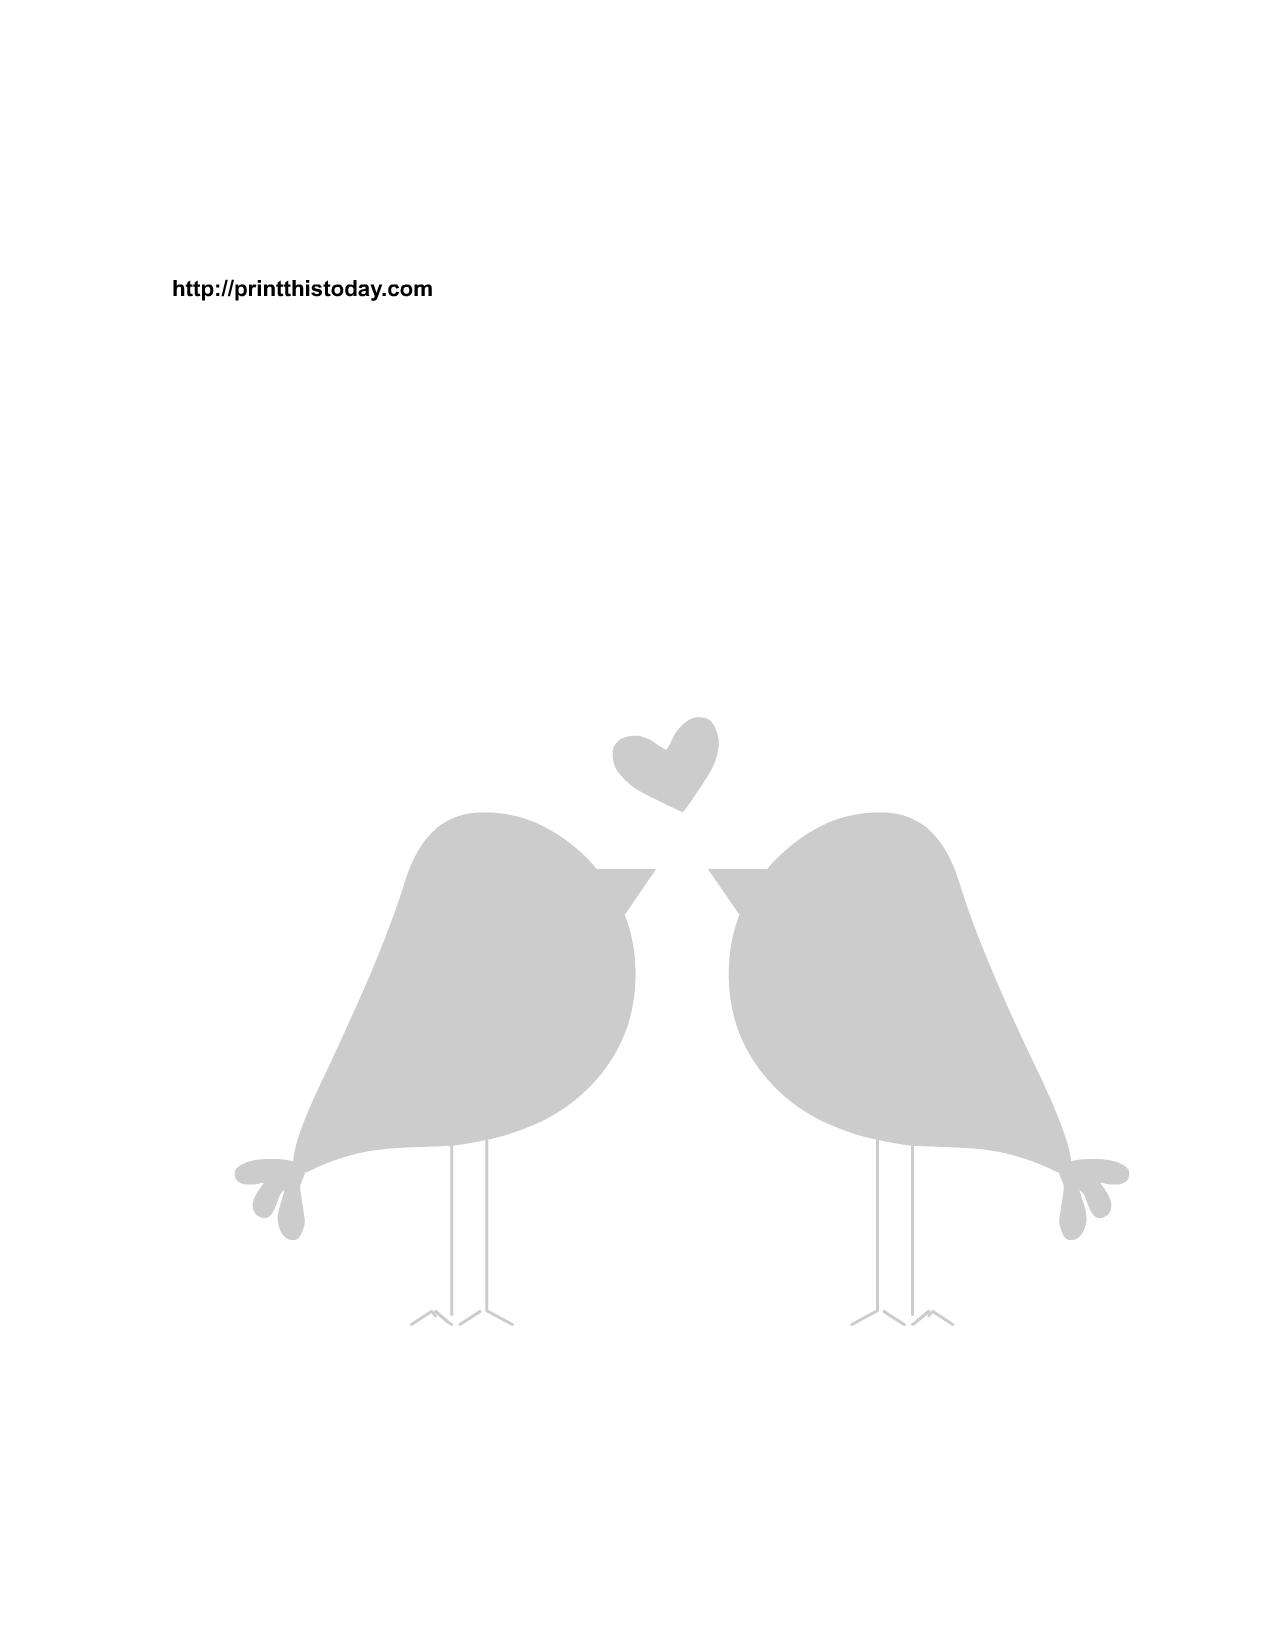 Brds clipart template 3 template #38122 birds Love